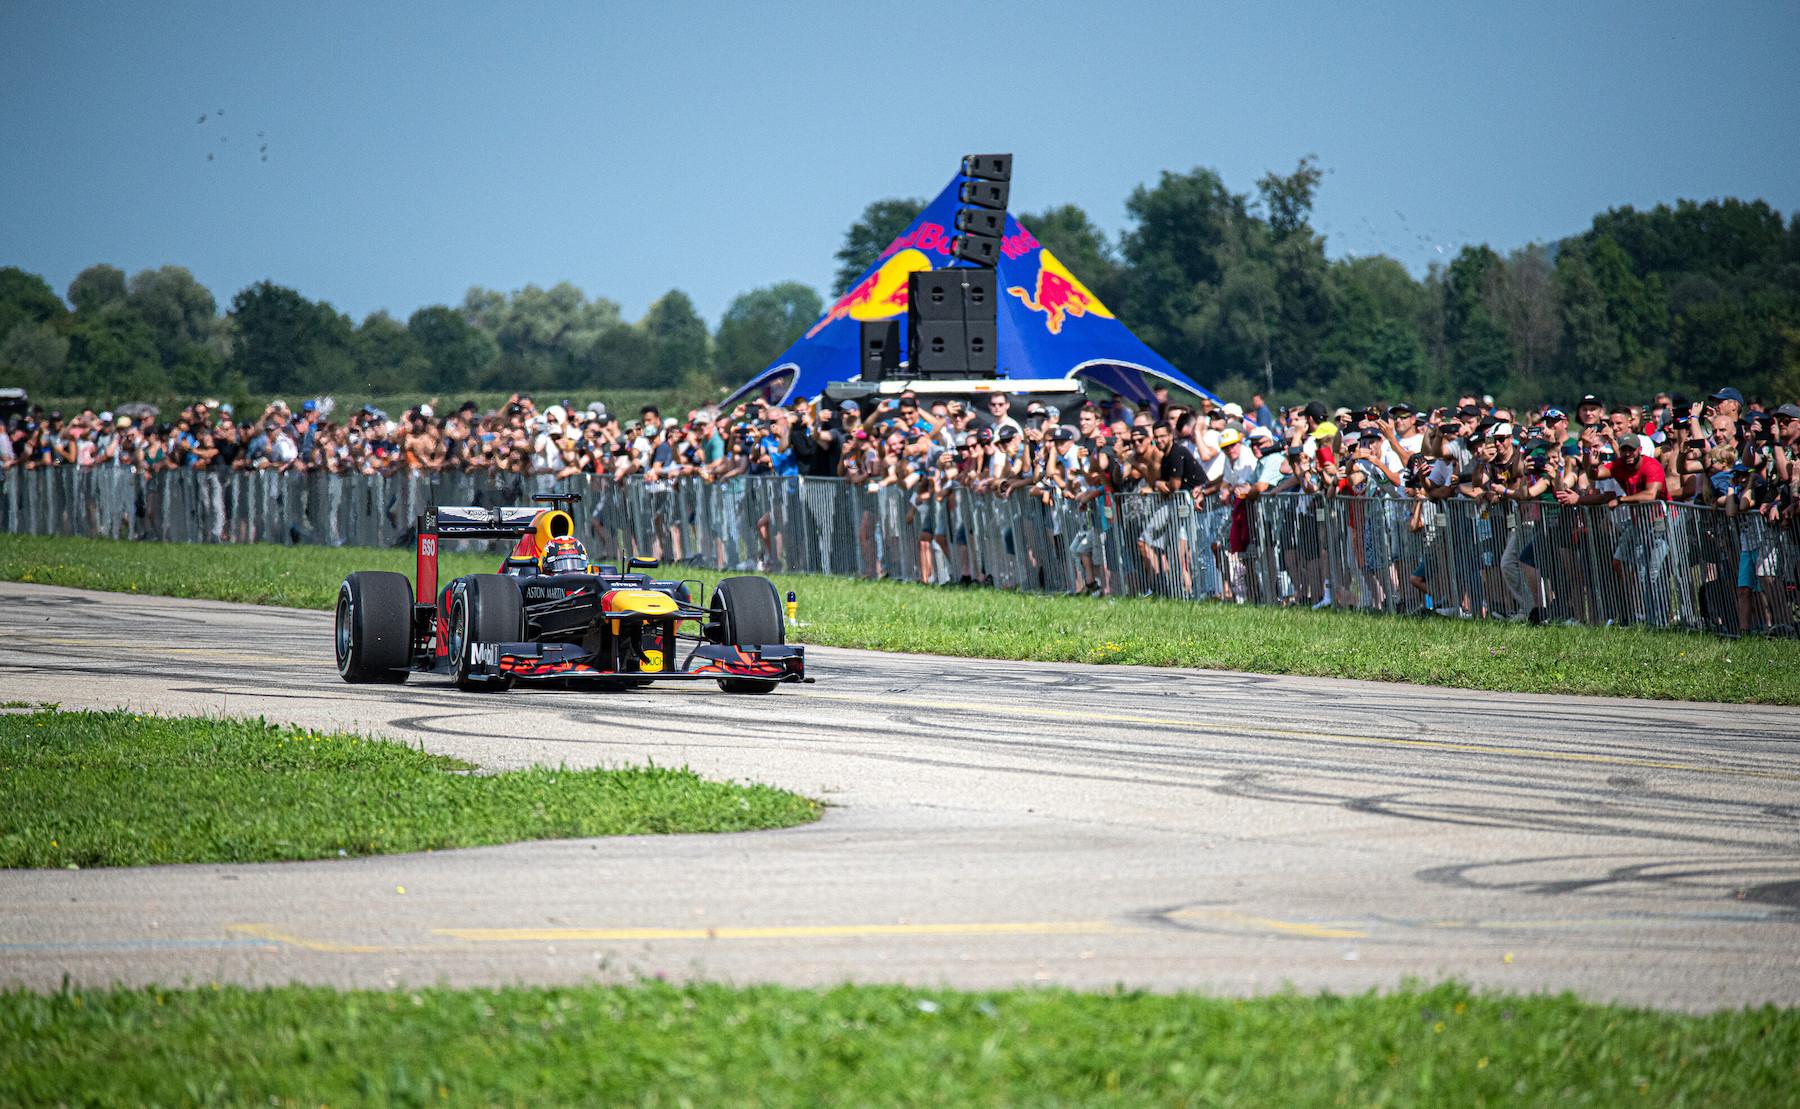 2019 Red Bull at Switzerland 19.jpg